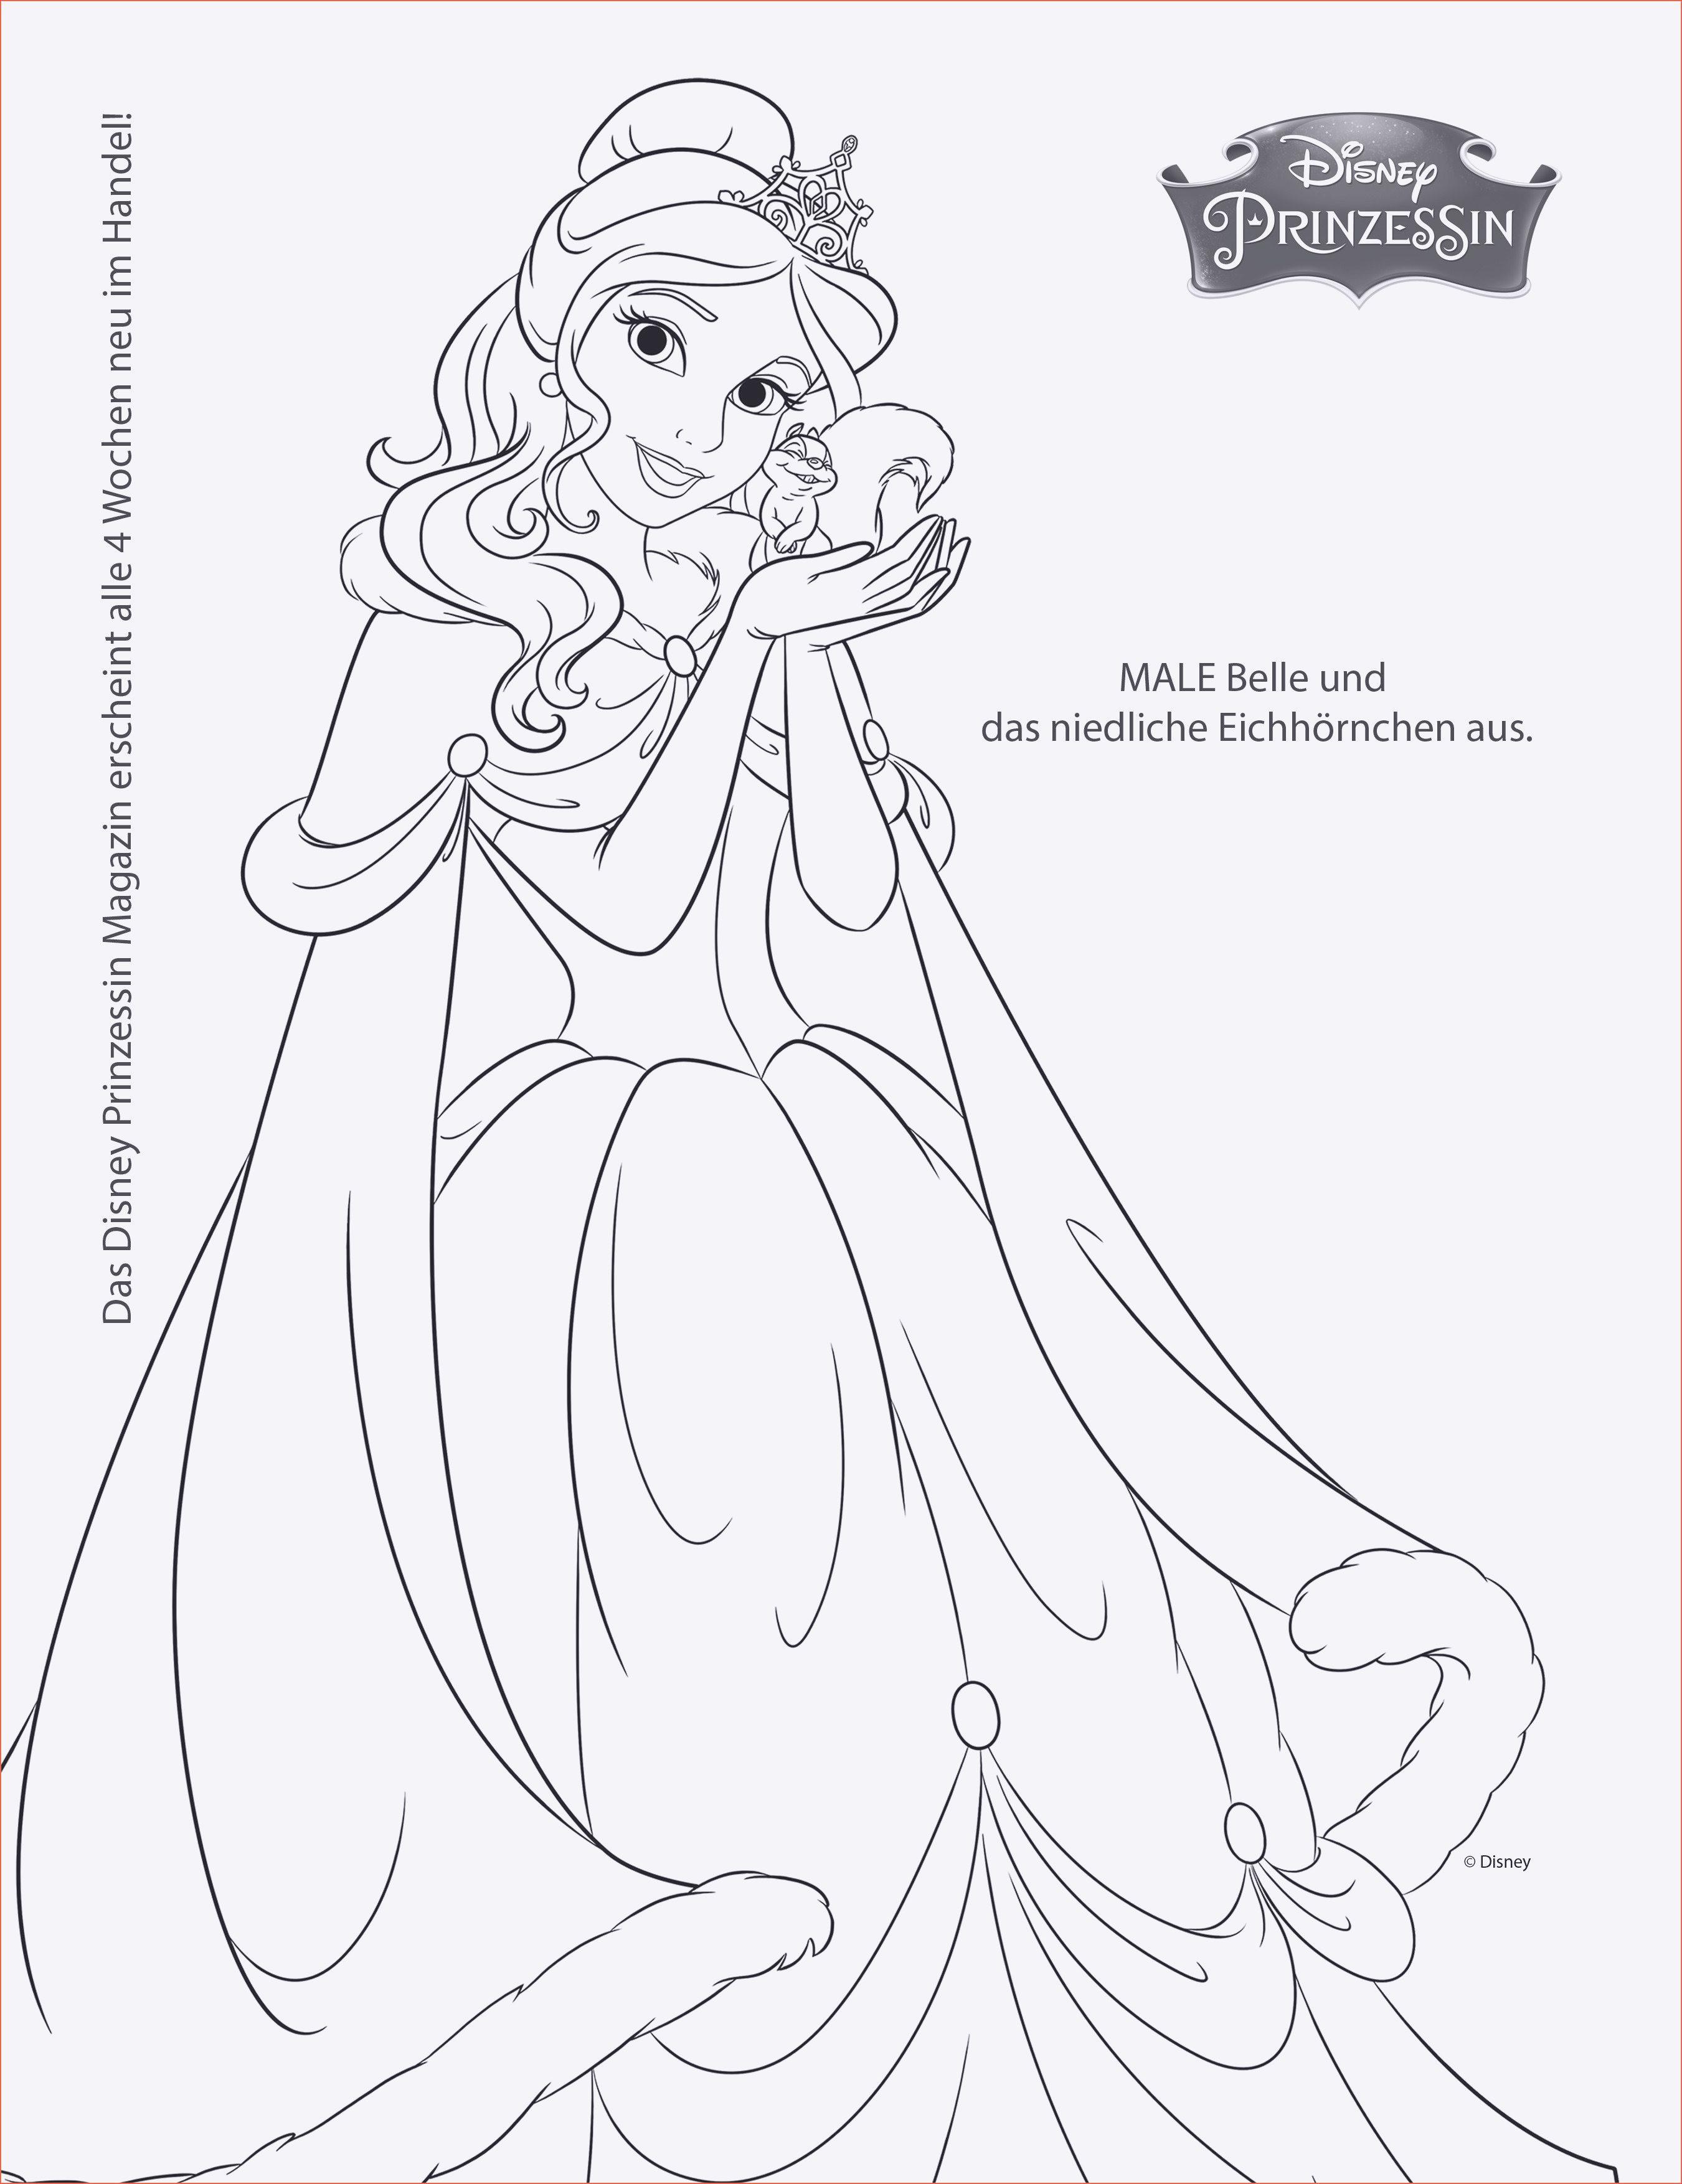 Disney Weihnachtsbilder Ausmalen Einzigartig Malvorlagen Gratis Prinzessin Disney Frisch Ausmalbilder Tieger Galerie